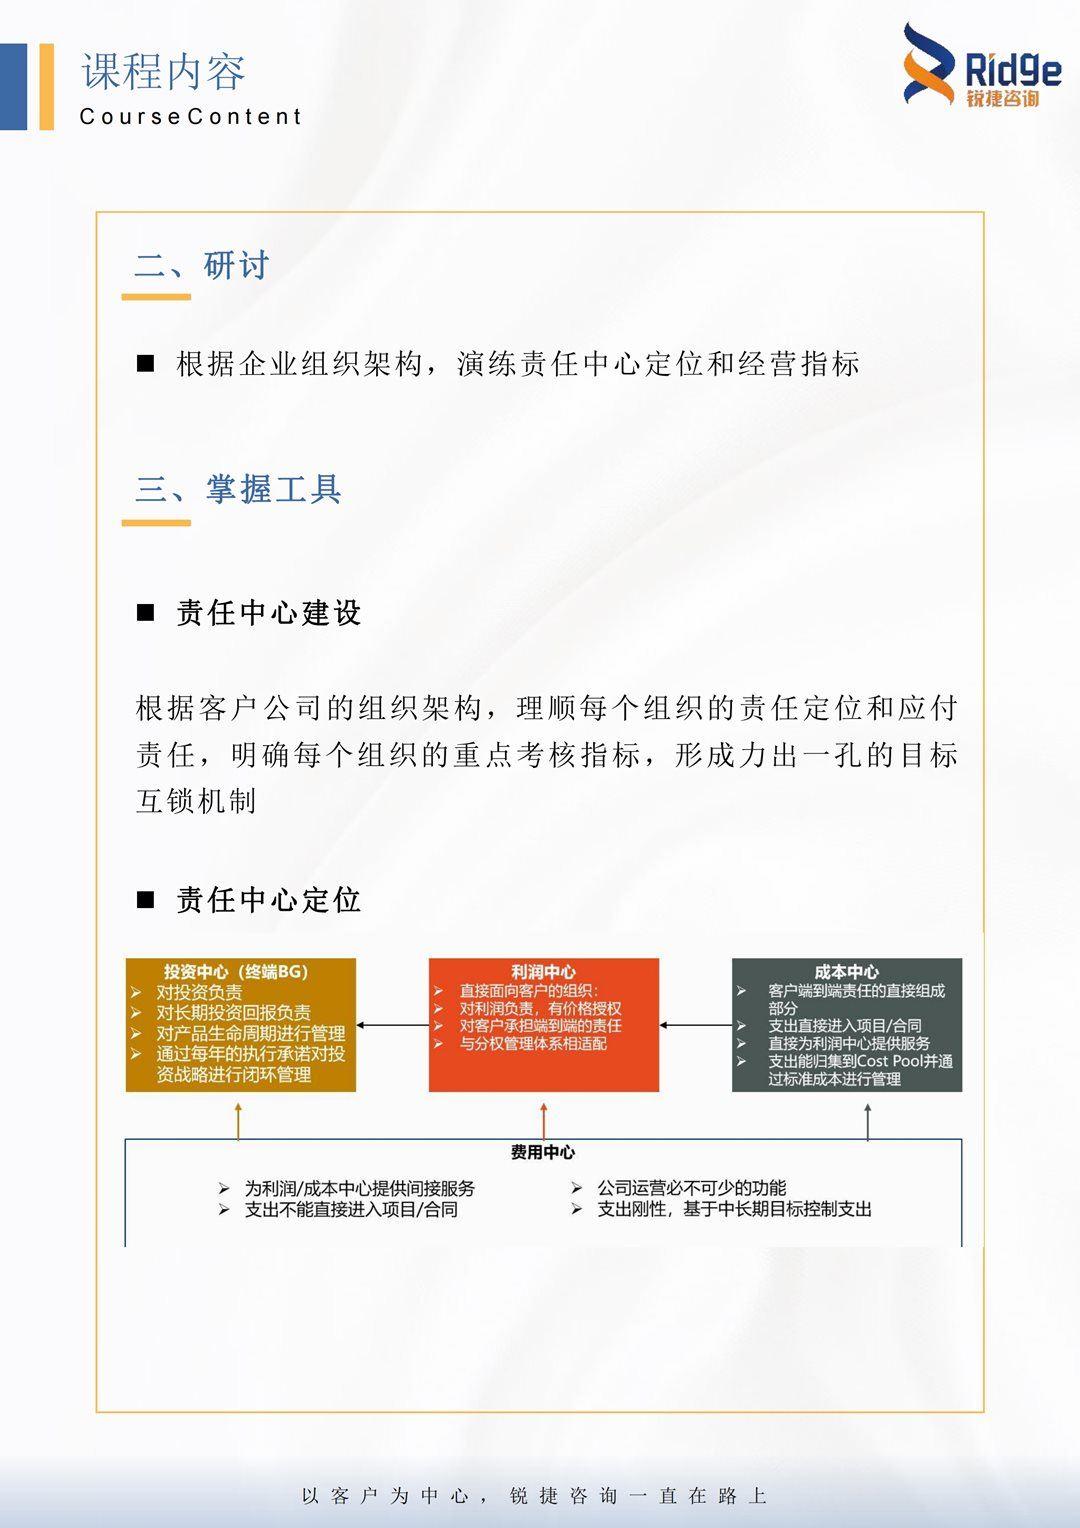 【4月经营管理班】支撑战略的全面预算和经营管理》_06.png